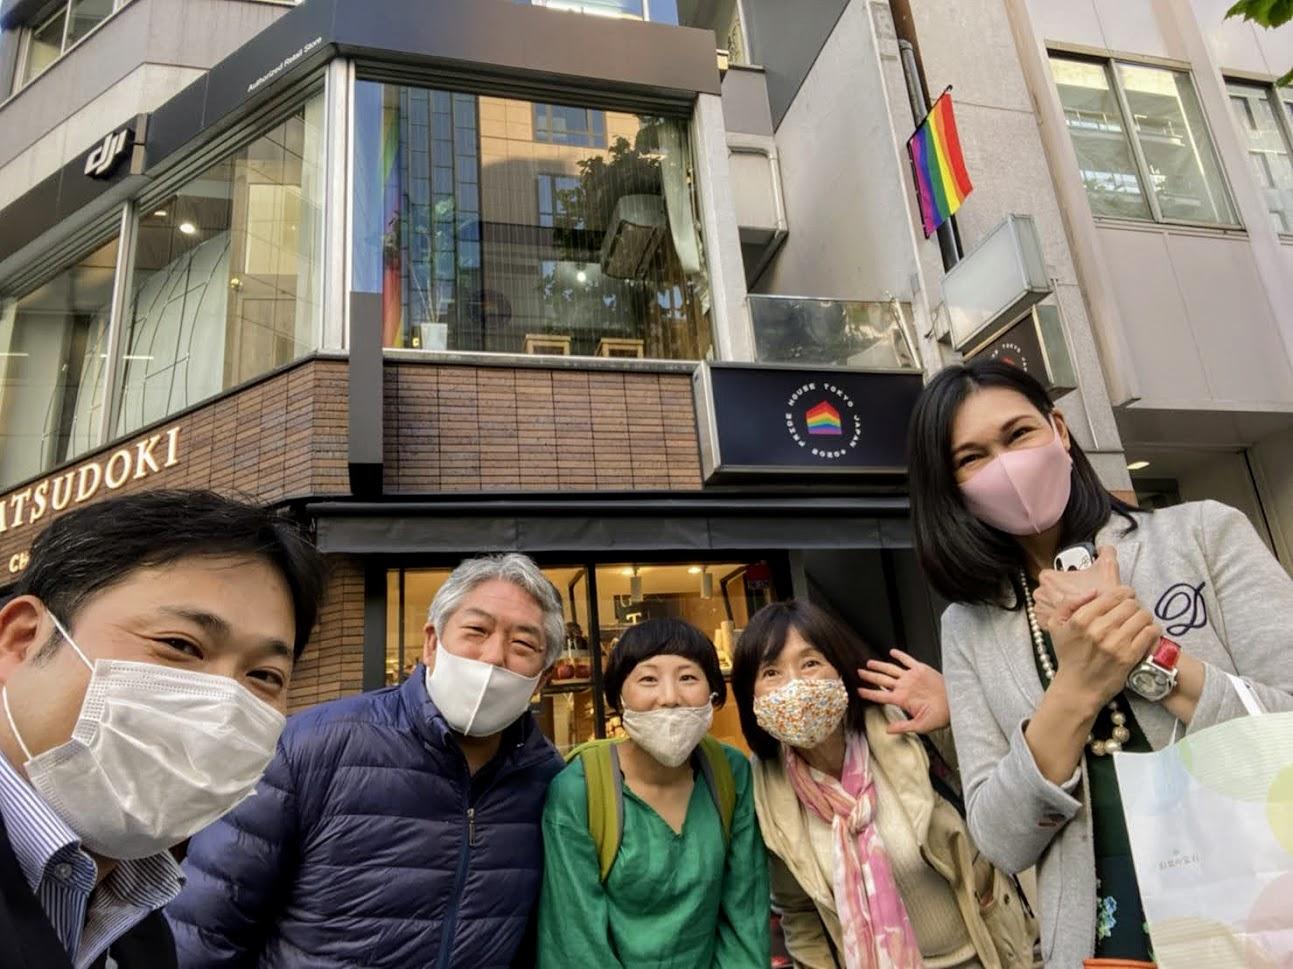 「さいたま市議会議員の皆さんと、二日連続のプライドハウス東京レガシーへ(((o(*゚▽゚*)o)))。」